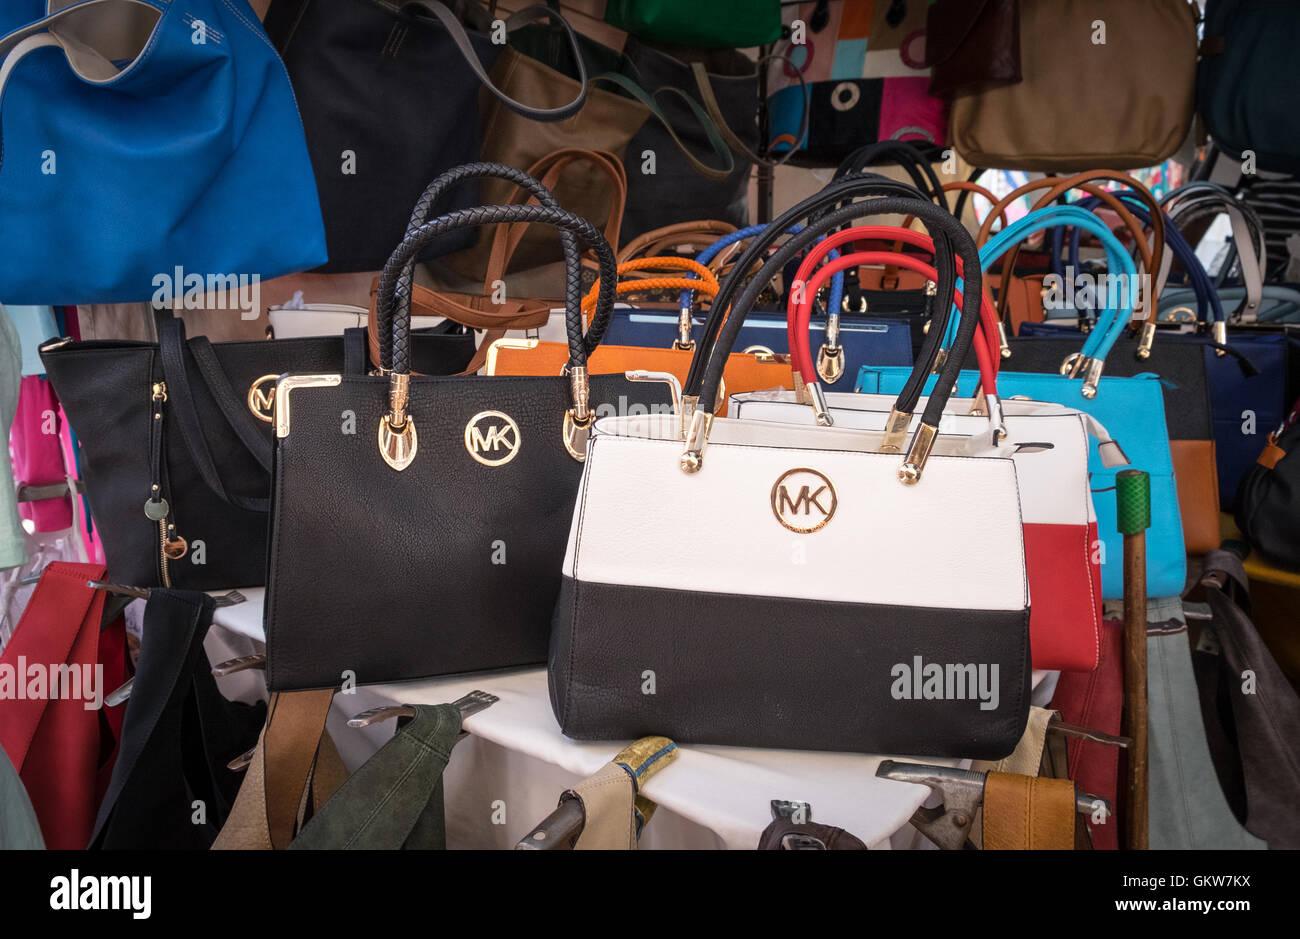 b0d400ae7c Fake Michael Kors borse a mano in vendita su una strada della marcatura di  Alcudia Città